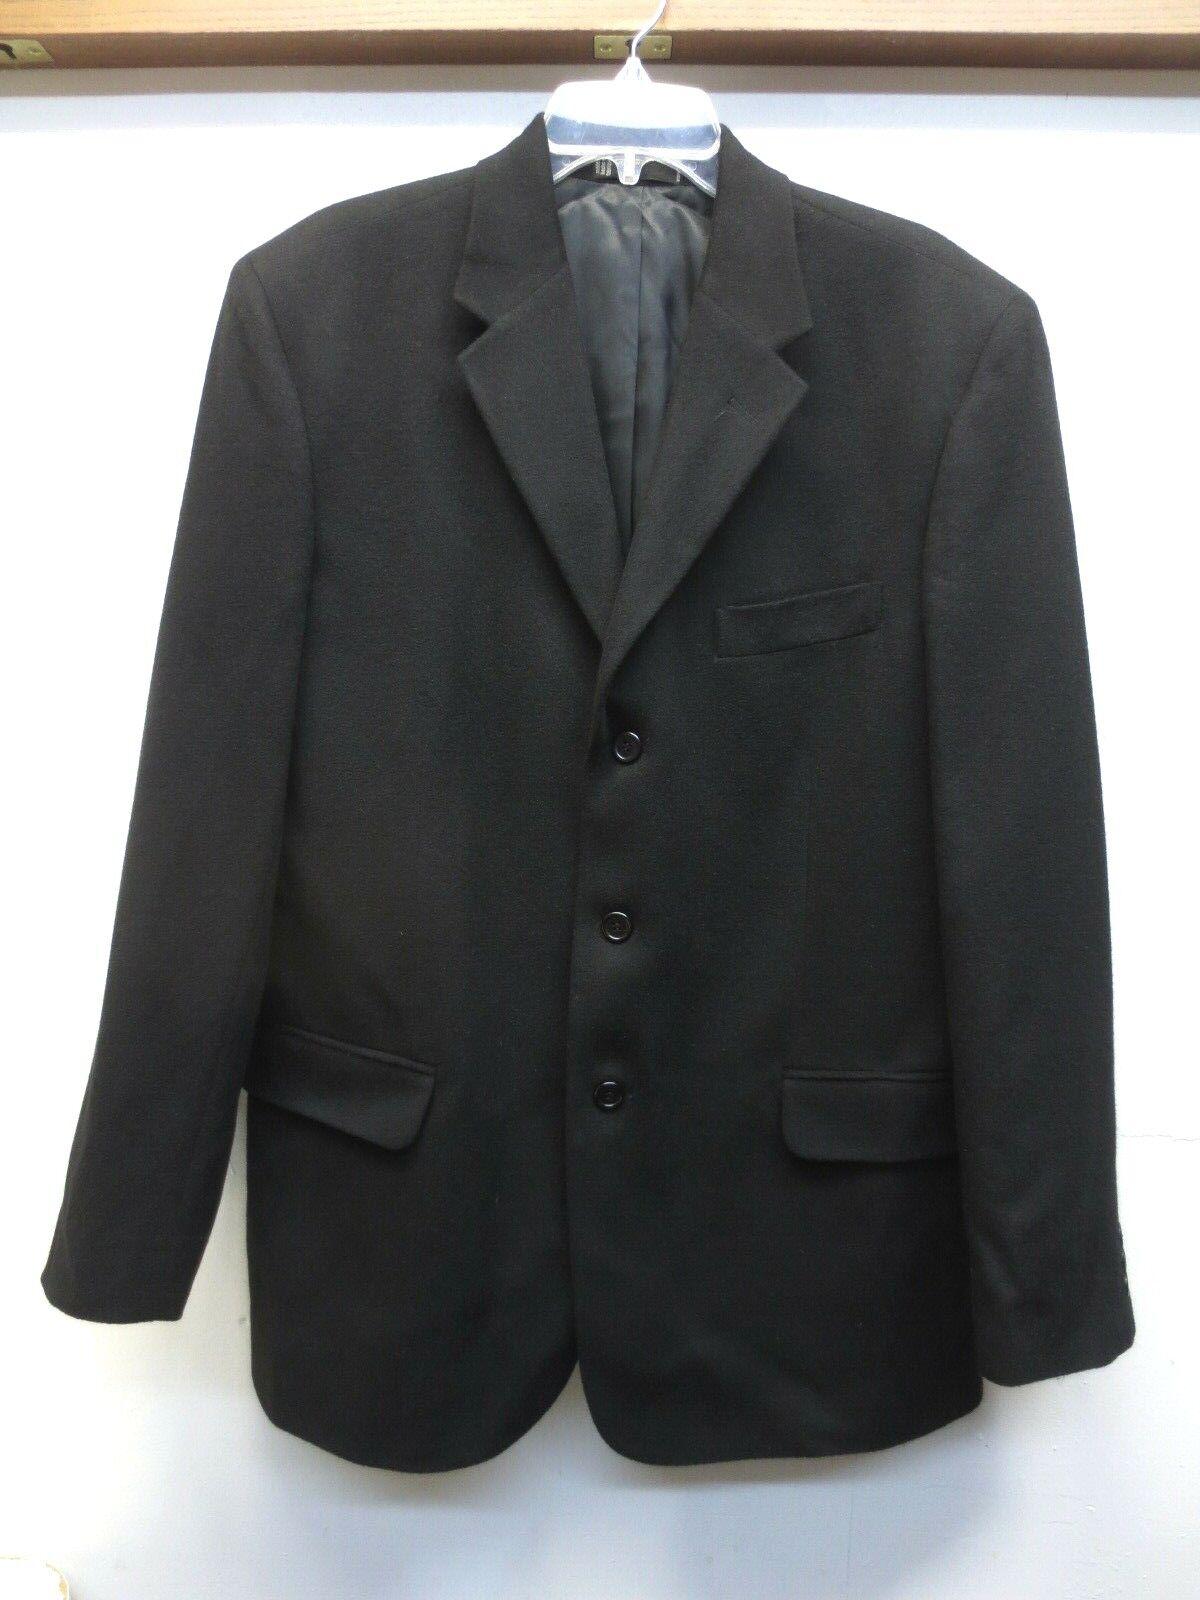 EUC Neiman Marcus Charcoal 100% Cashmere Sport Coat Blazer 3 Button 0 Vent 42R